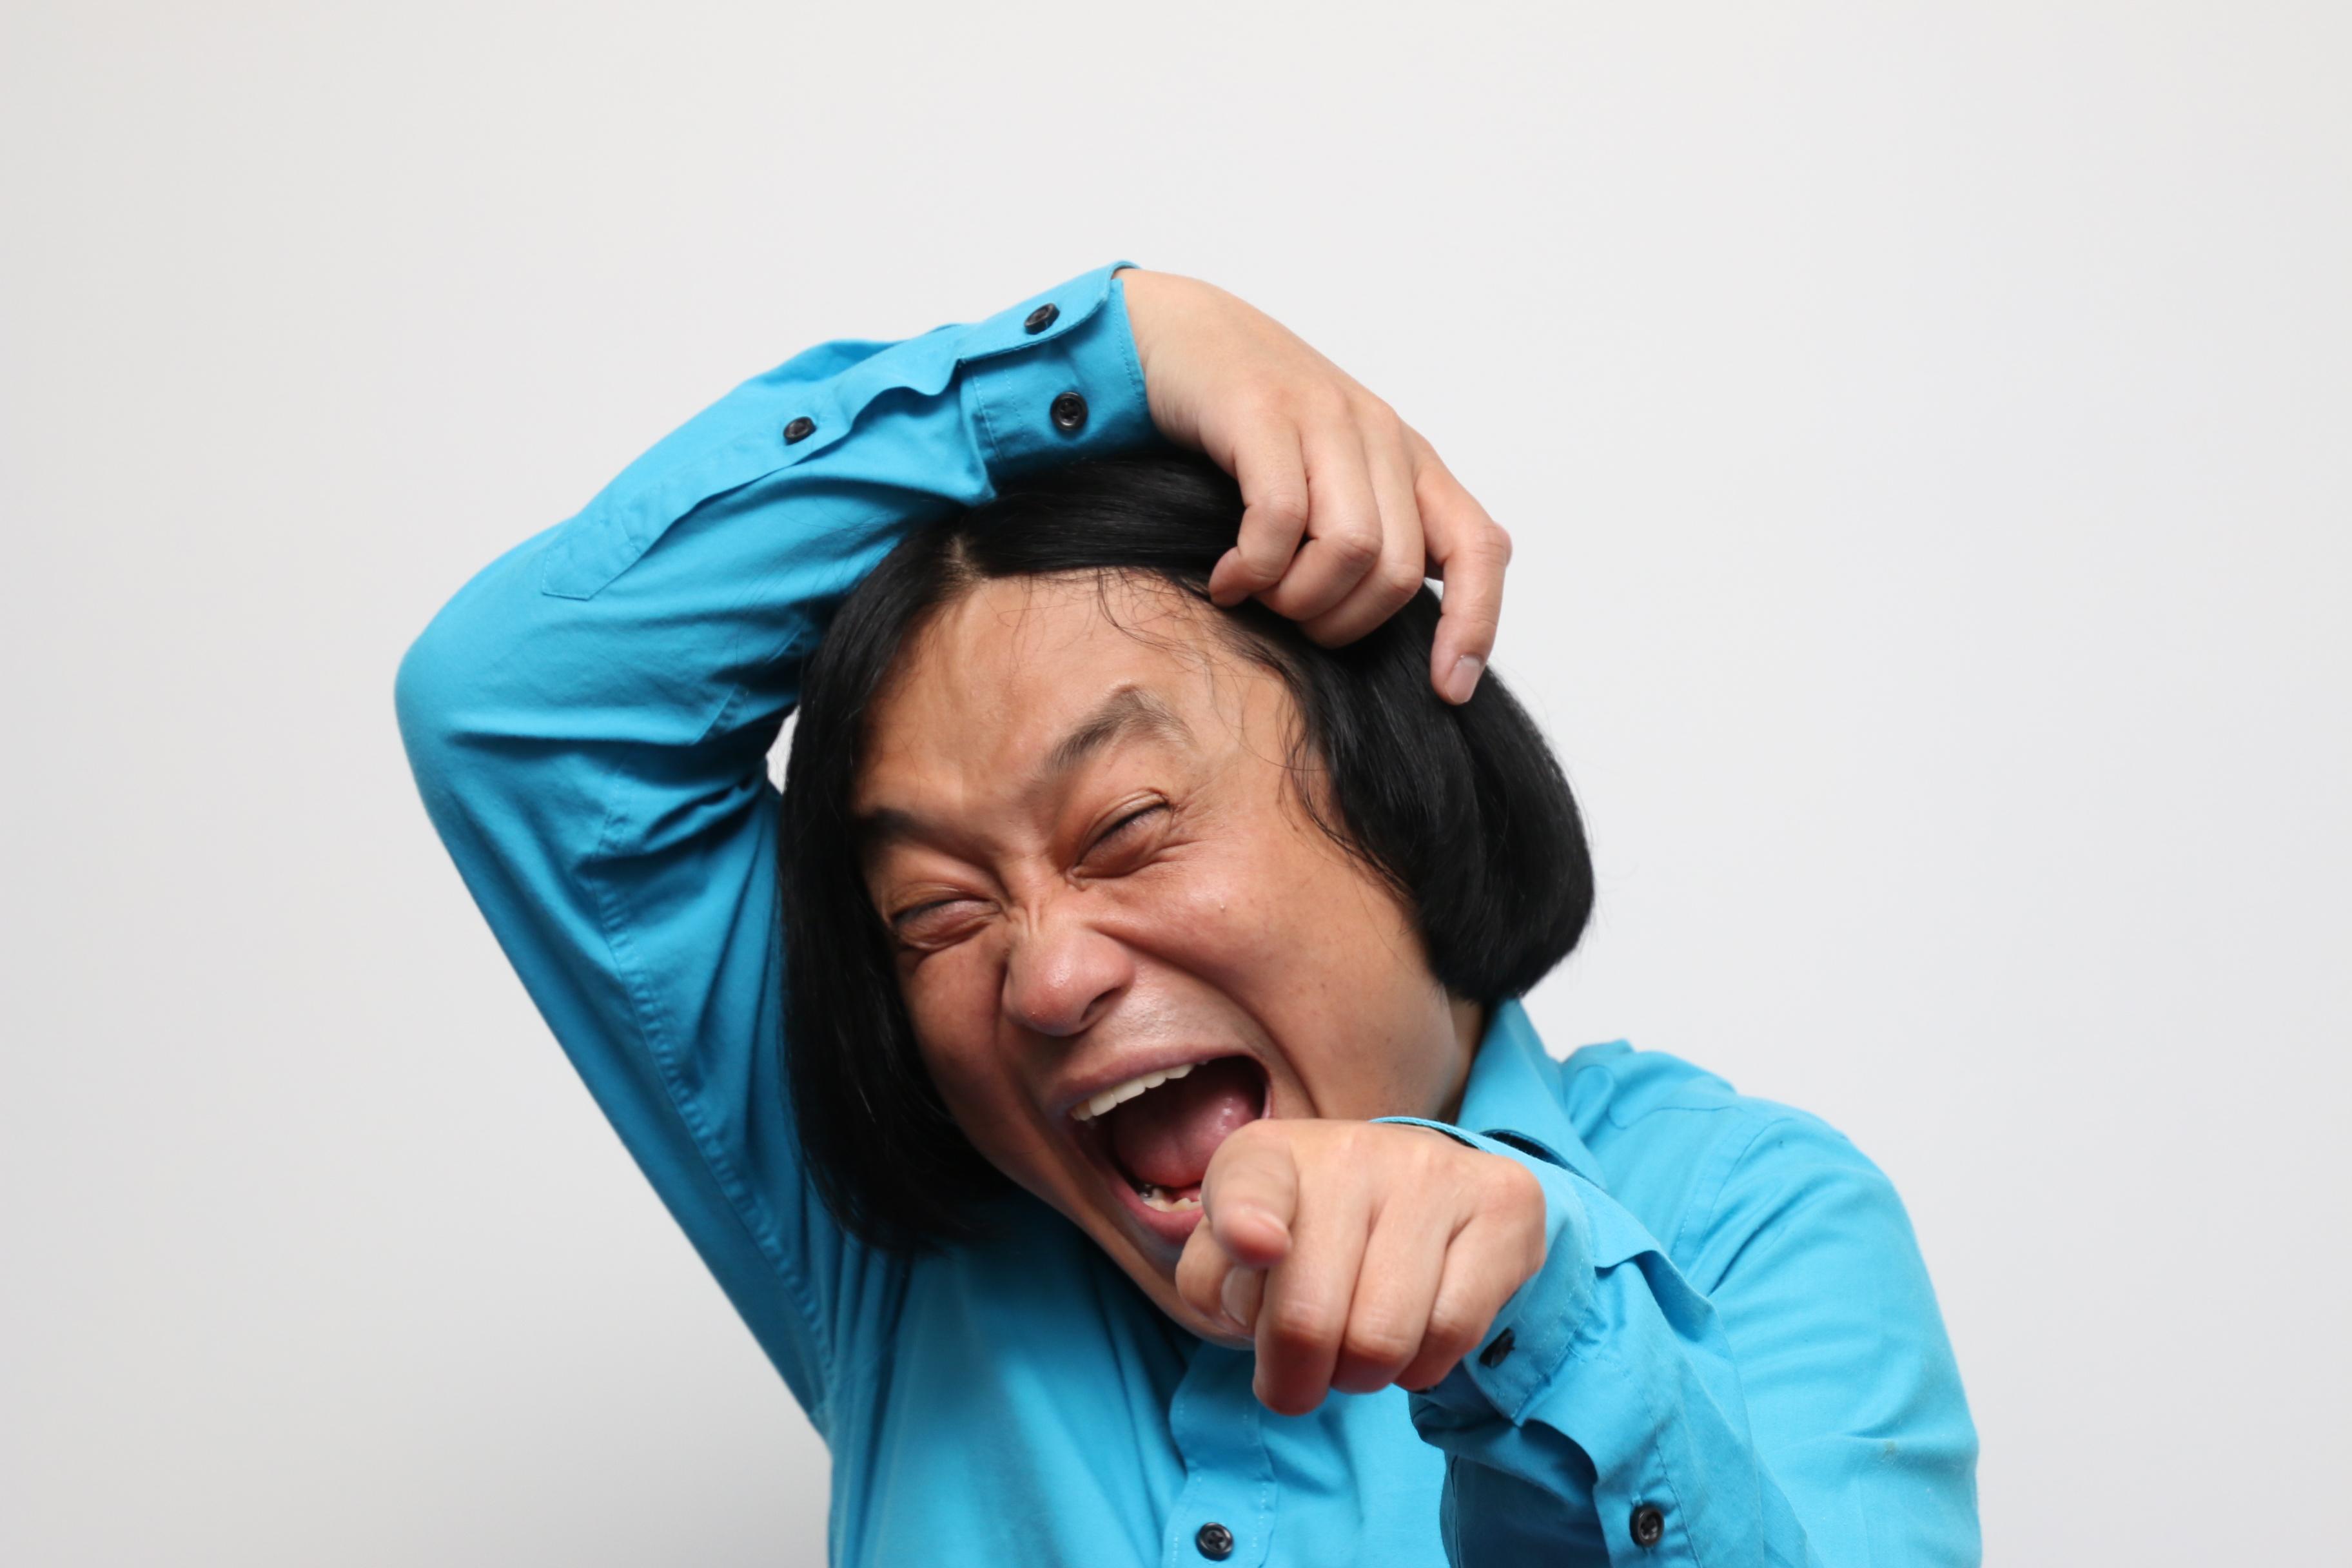 お笑い芸人永野さん洋楽を語る「今の音楽はシリアスすぎて全体的にリンプが足りない/BECKはゴミみたいなファーストが好き」 [無断転載禁止]©2ch.net [234053615]YouTube動画>31本 ->画像>11枚